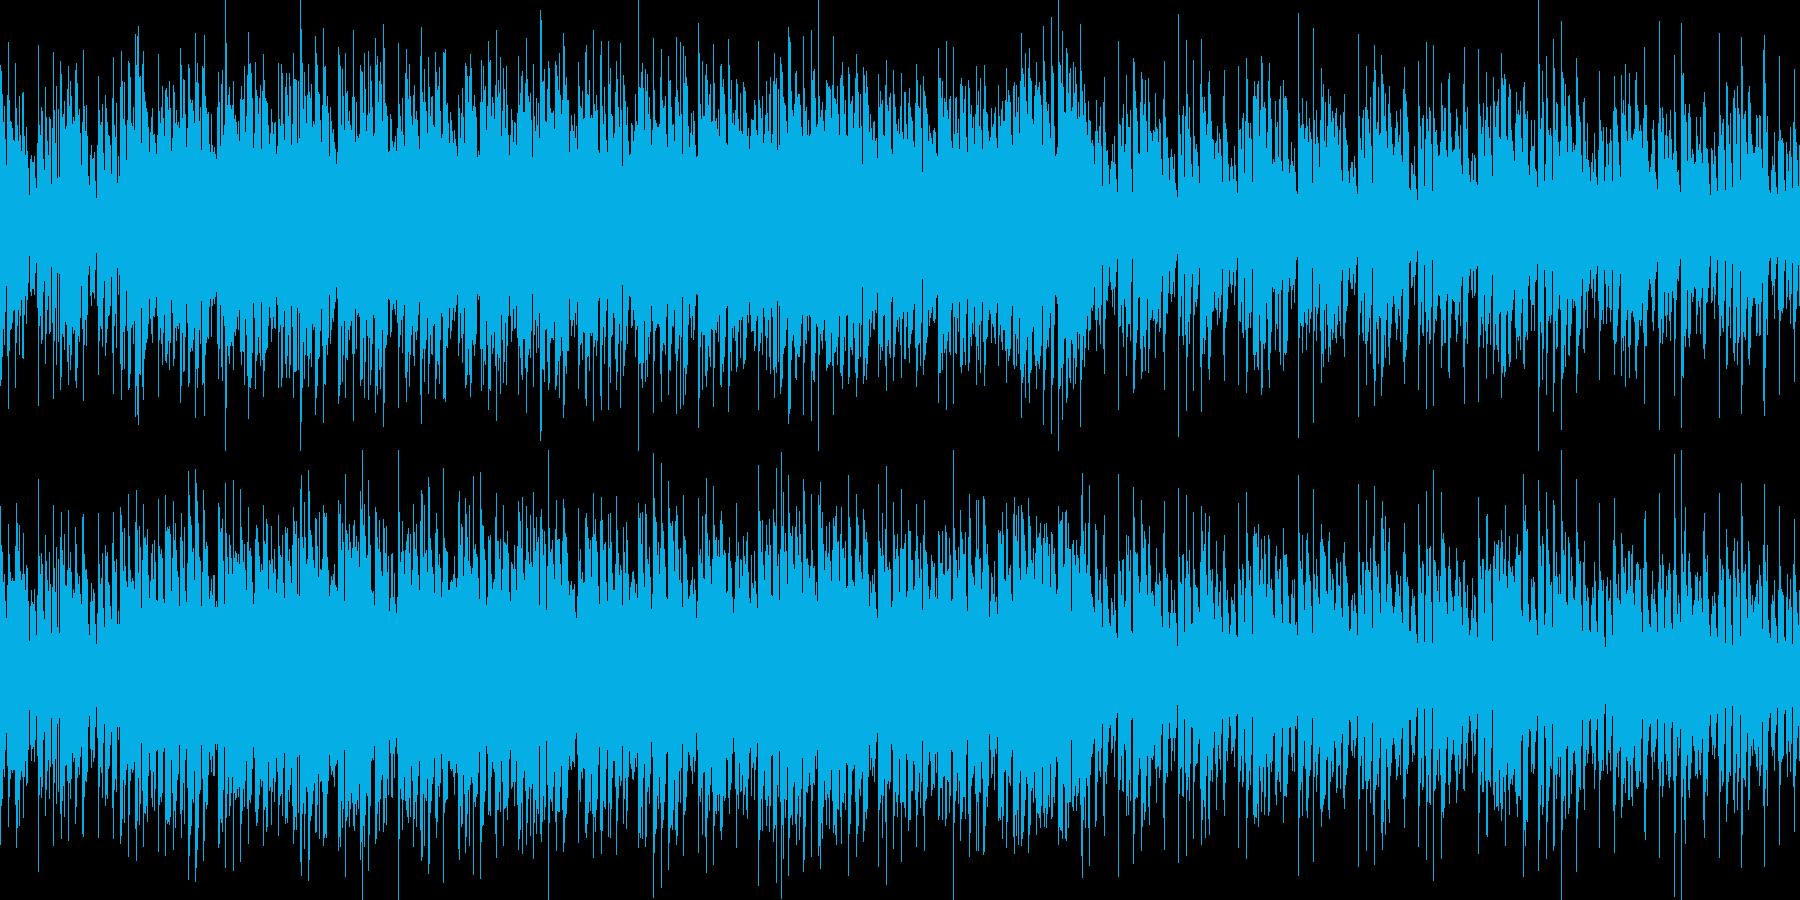 ジャングルの中にいるような不思議な曲の再生済みの波形